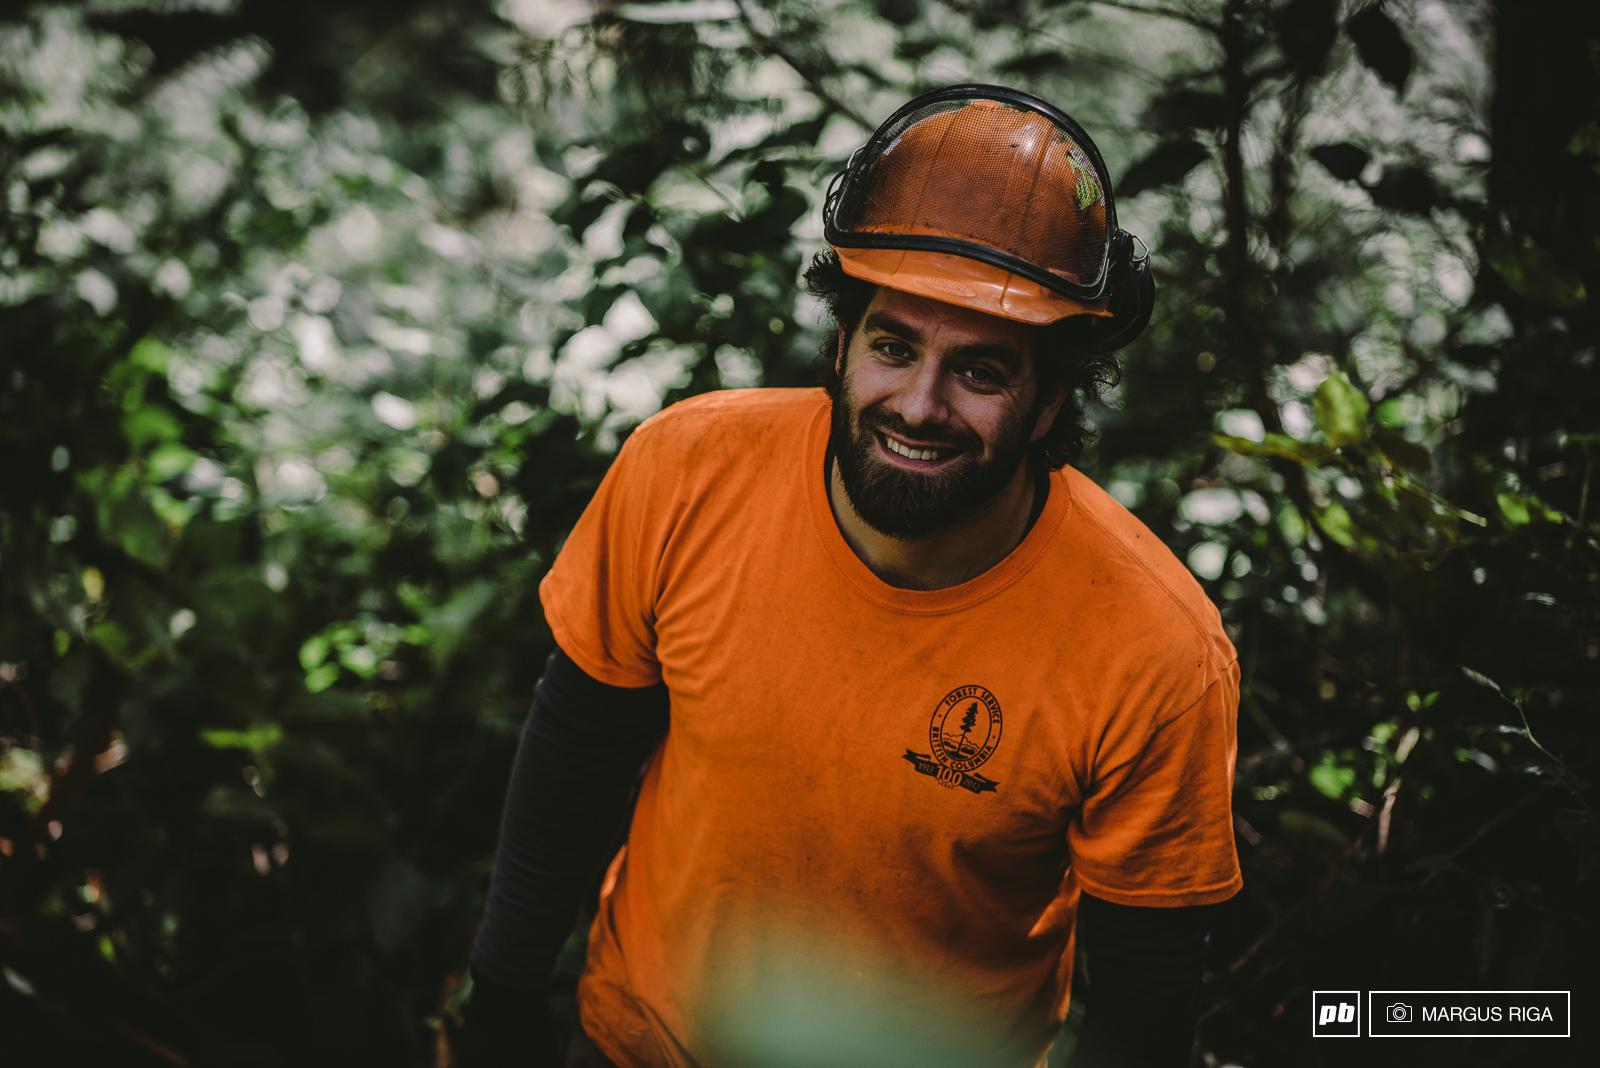 Geoff Gulevich filming for Builder.